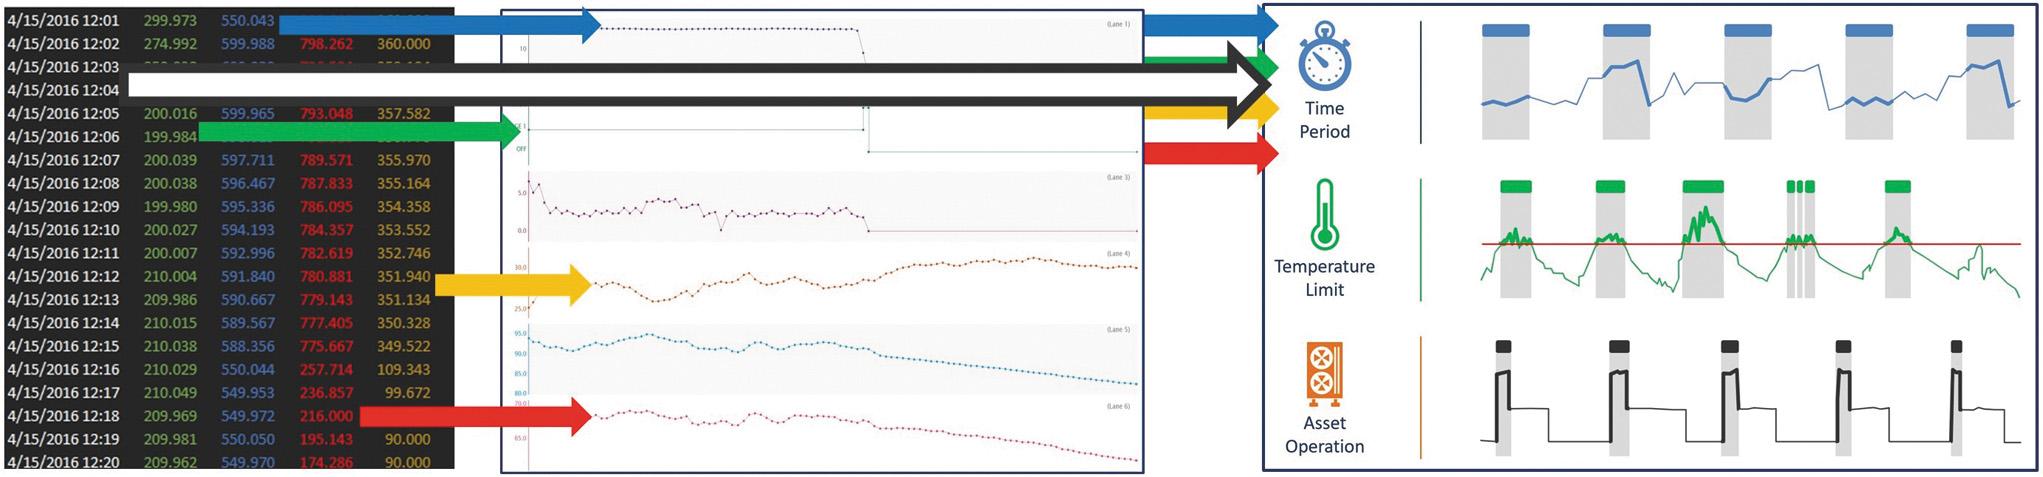 Ключевым элементом при оценке данных технологического или производственного процесса является время. Для использования в электронных таблицах часто необходимо переформатировать показания датчиков, чтобы привести их в единую форму с информационными сигналами.